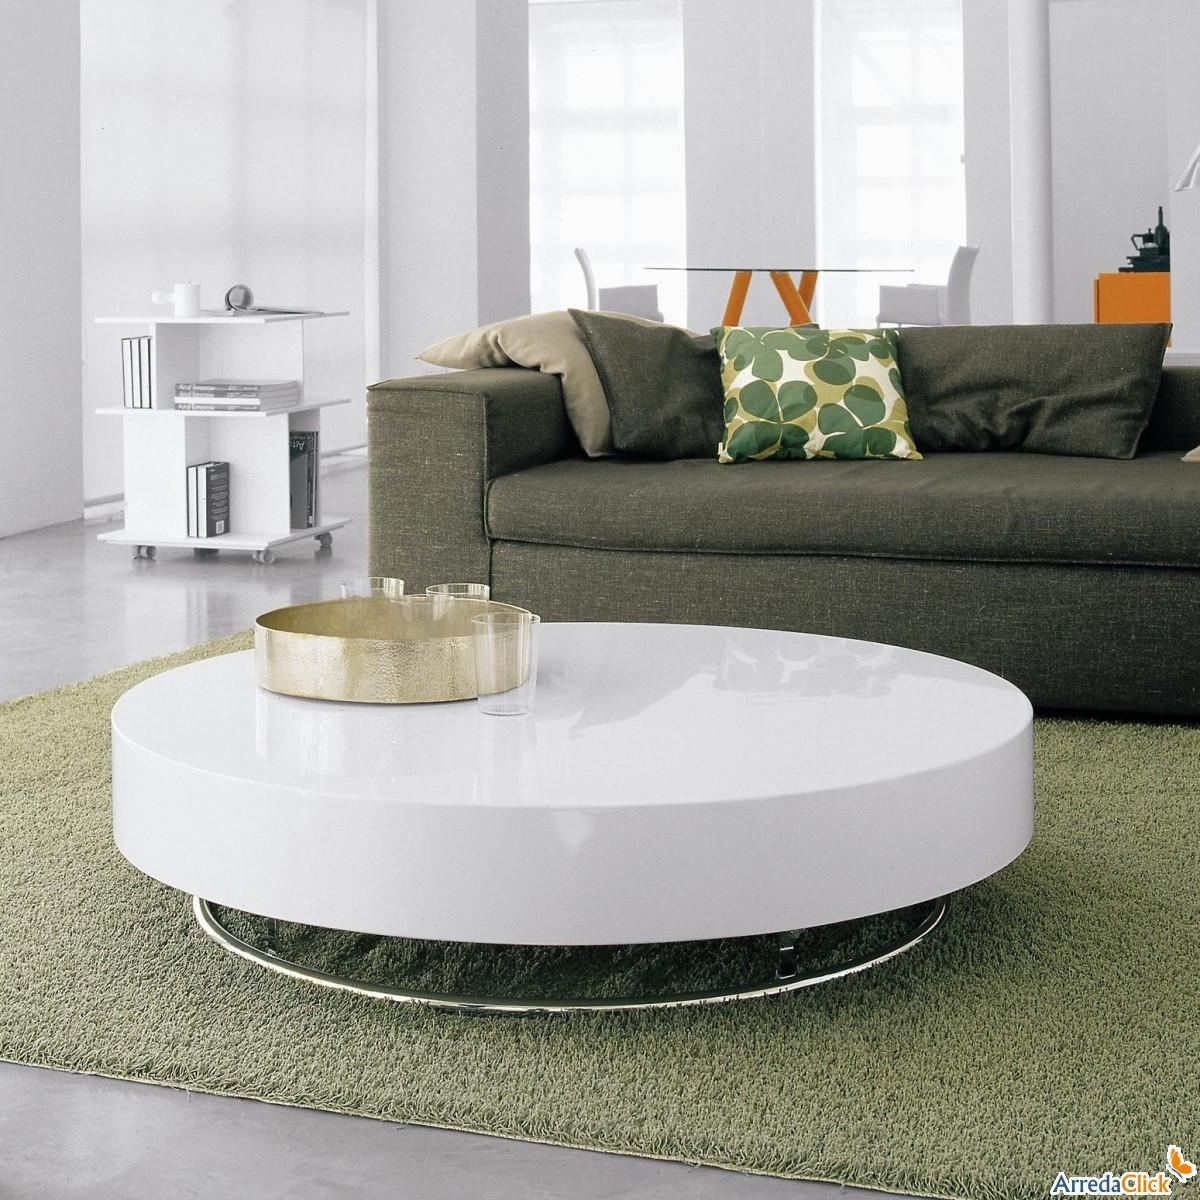 Tavolino Salotto Moderno Bianco: Tavolini da soggiorno in legno ...